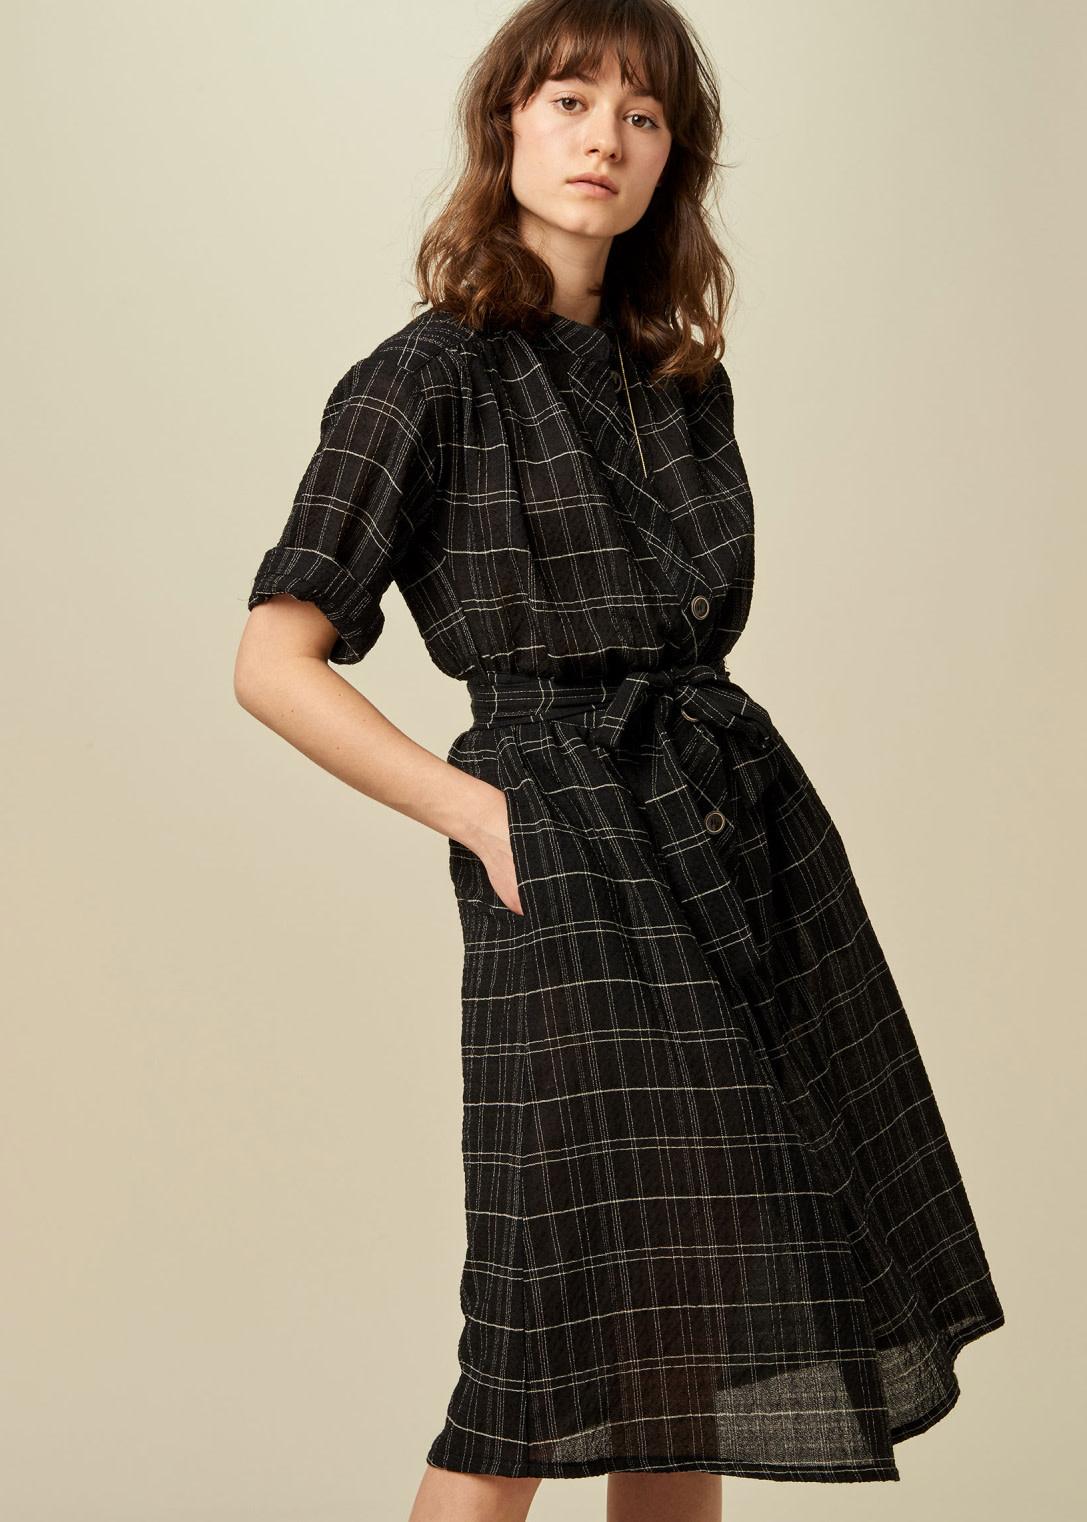 Sessùn Loevan dress